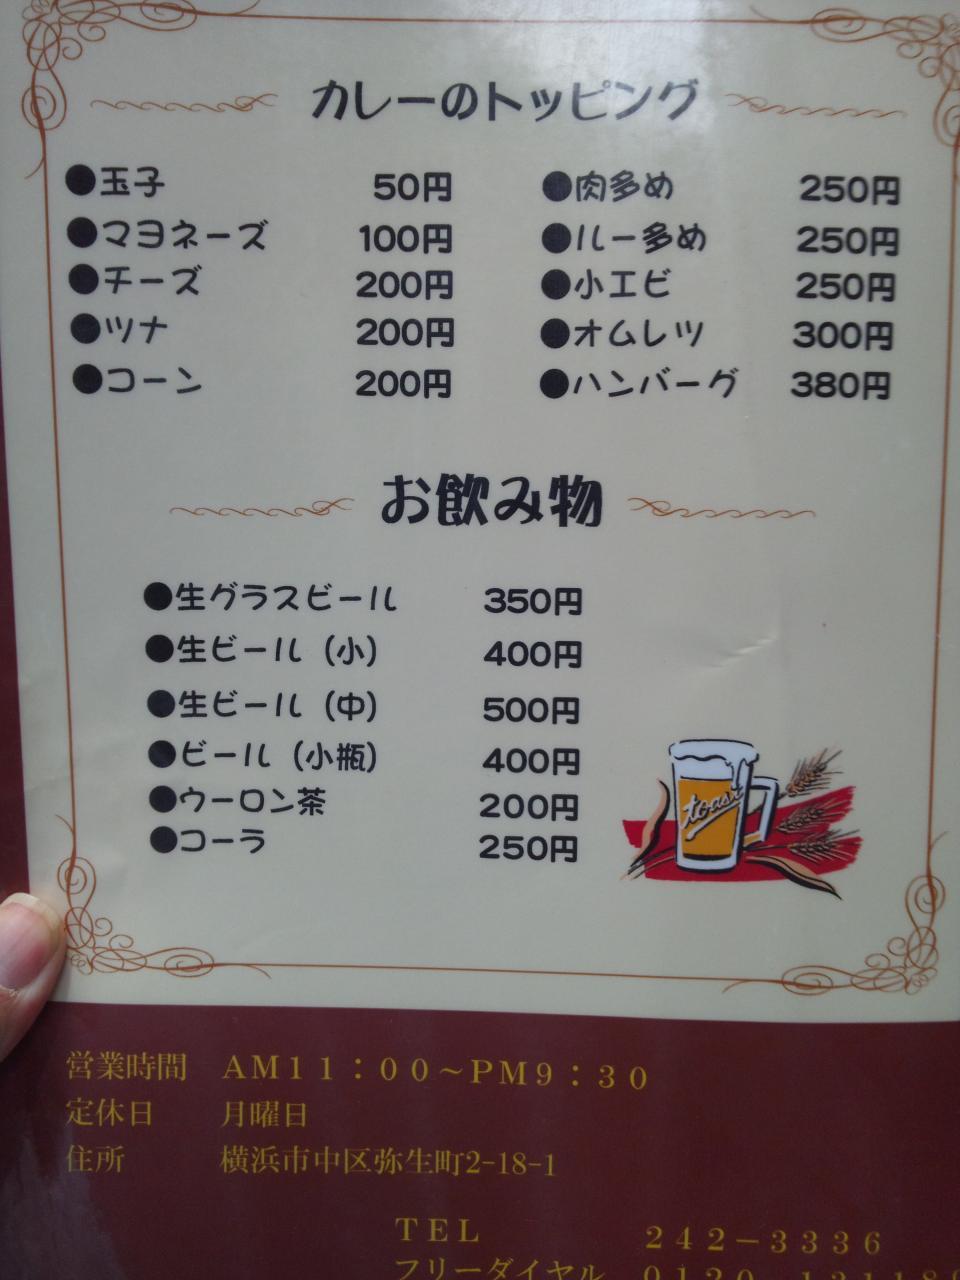 バーグ弥生町店(メニュー)